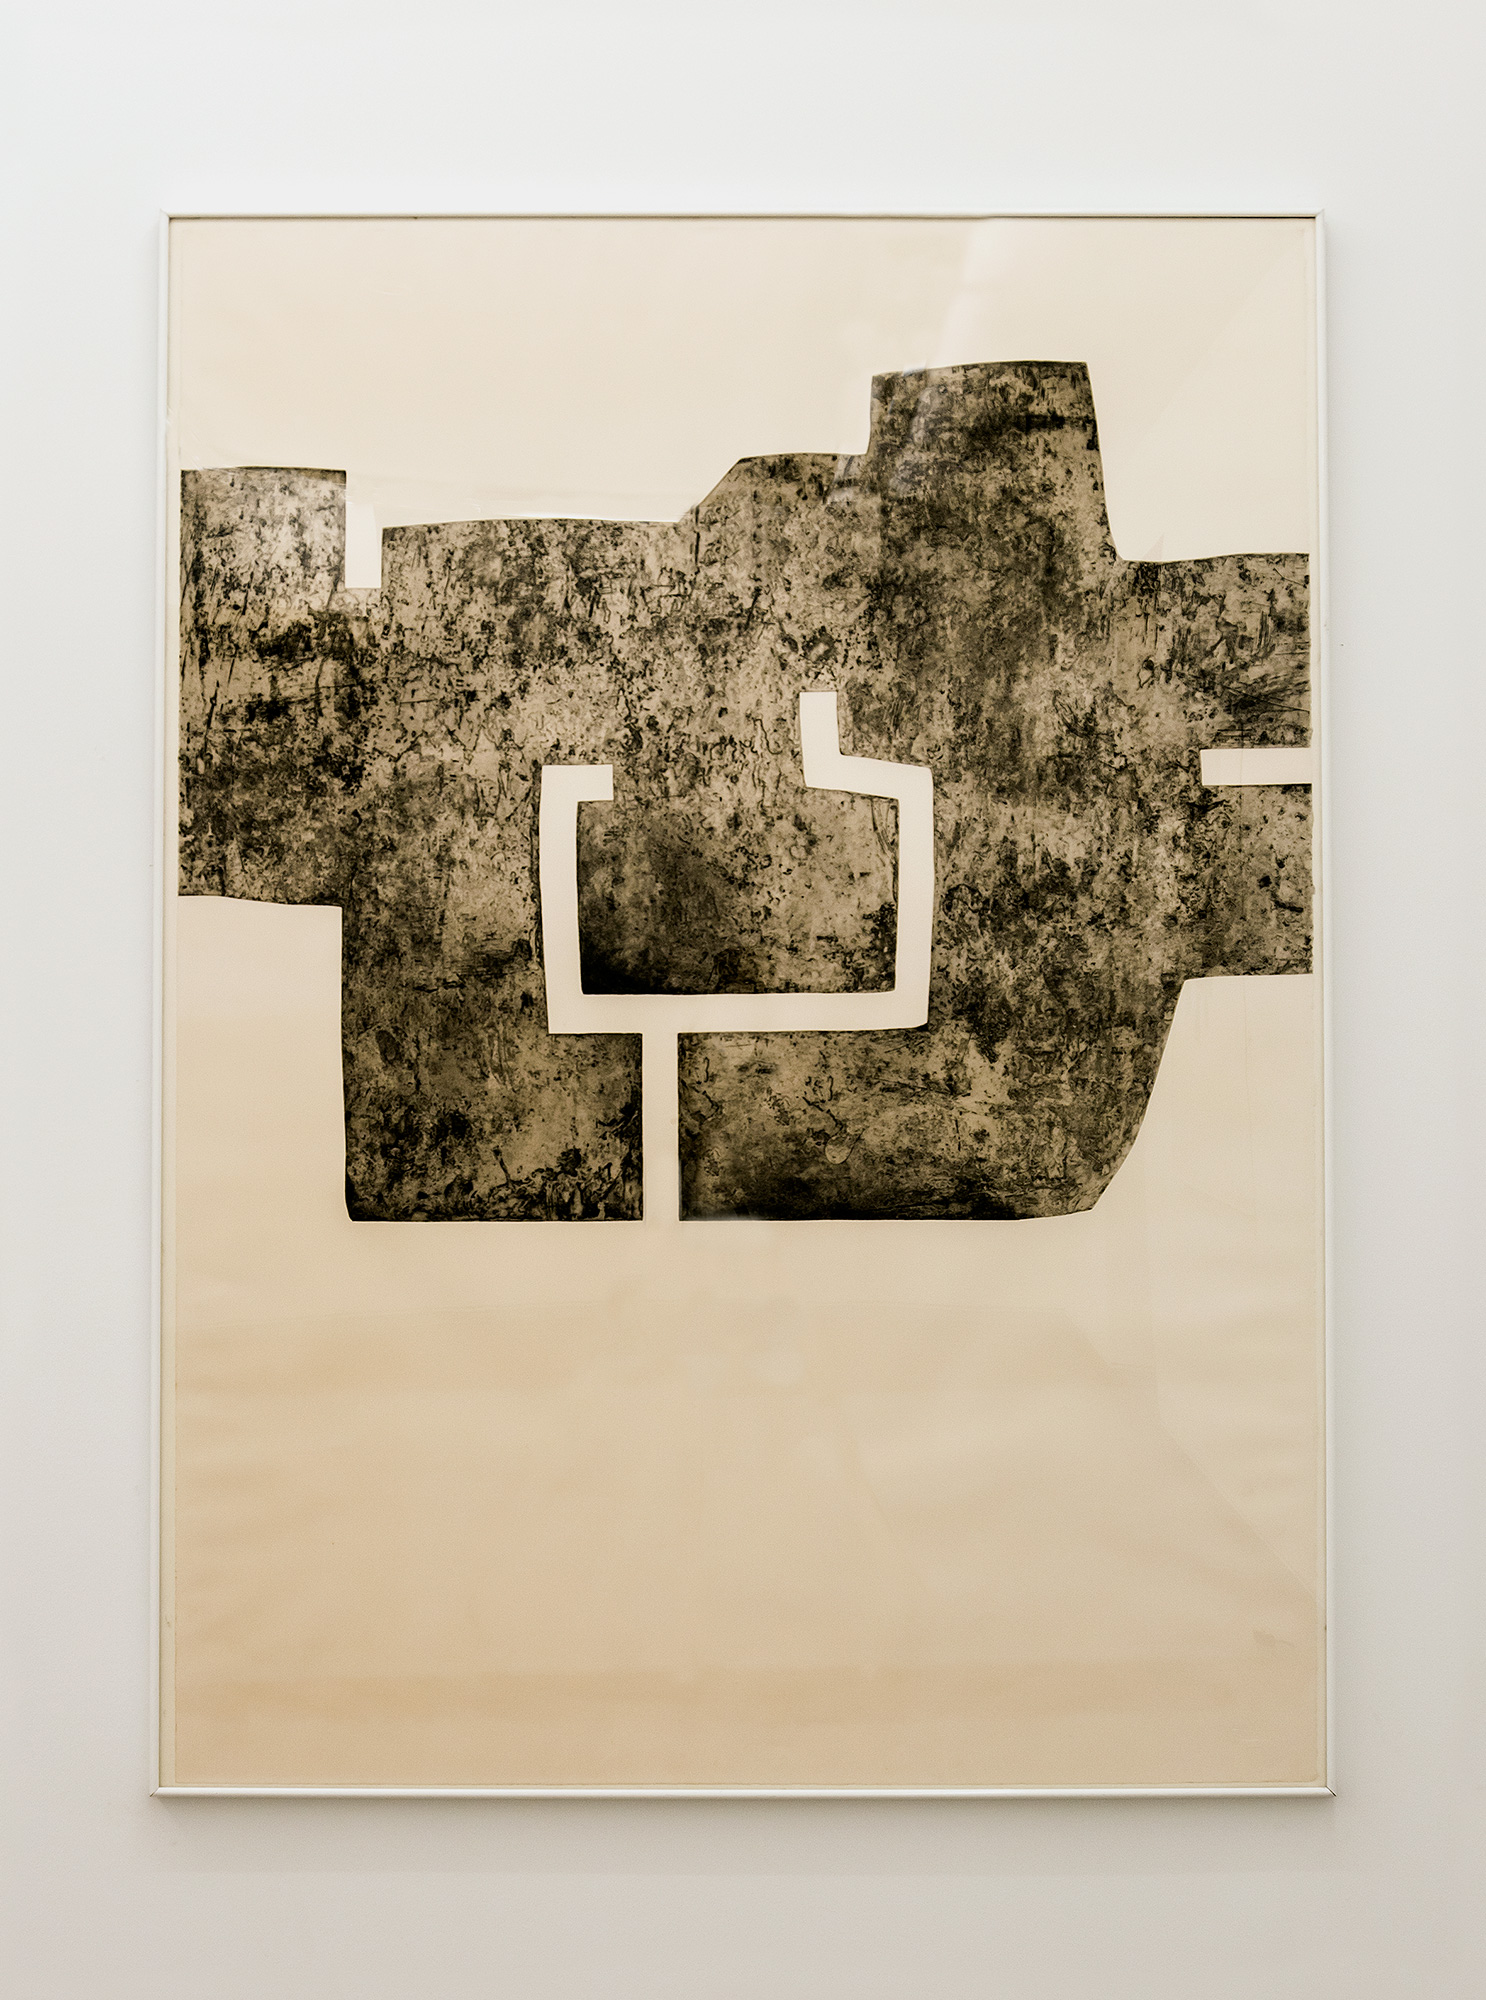 Azucena Vieites (2012) - Fundido encadenado-Break You Nice